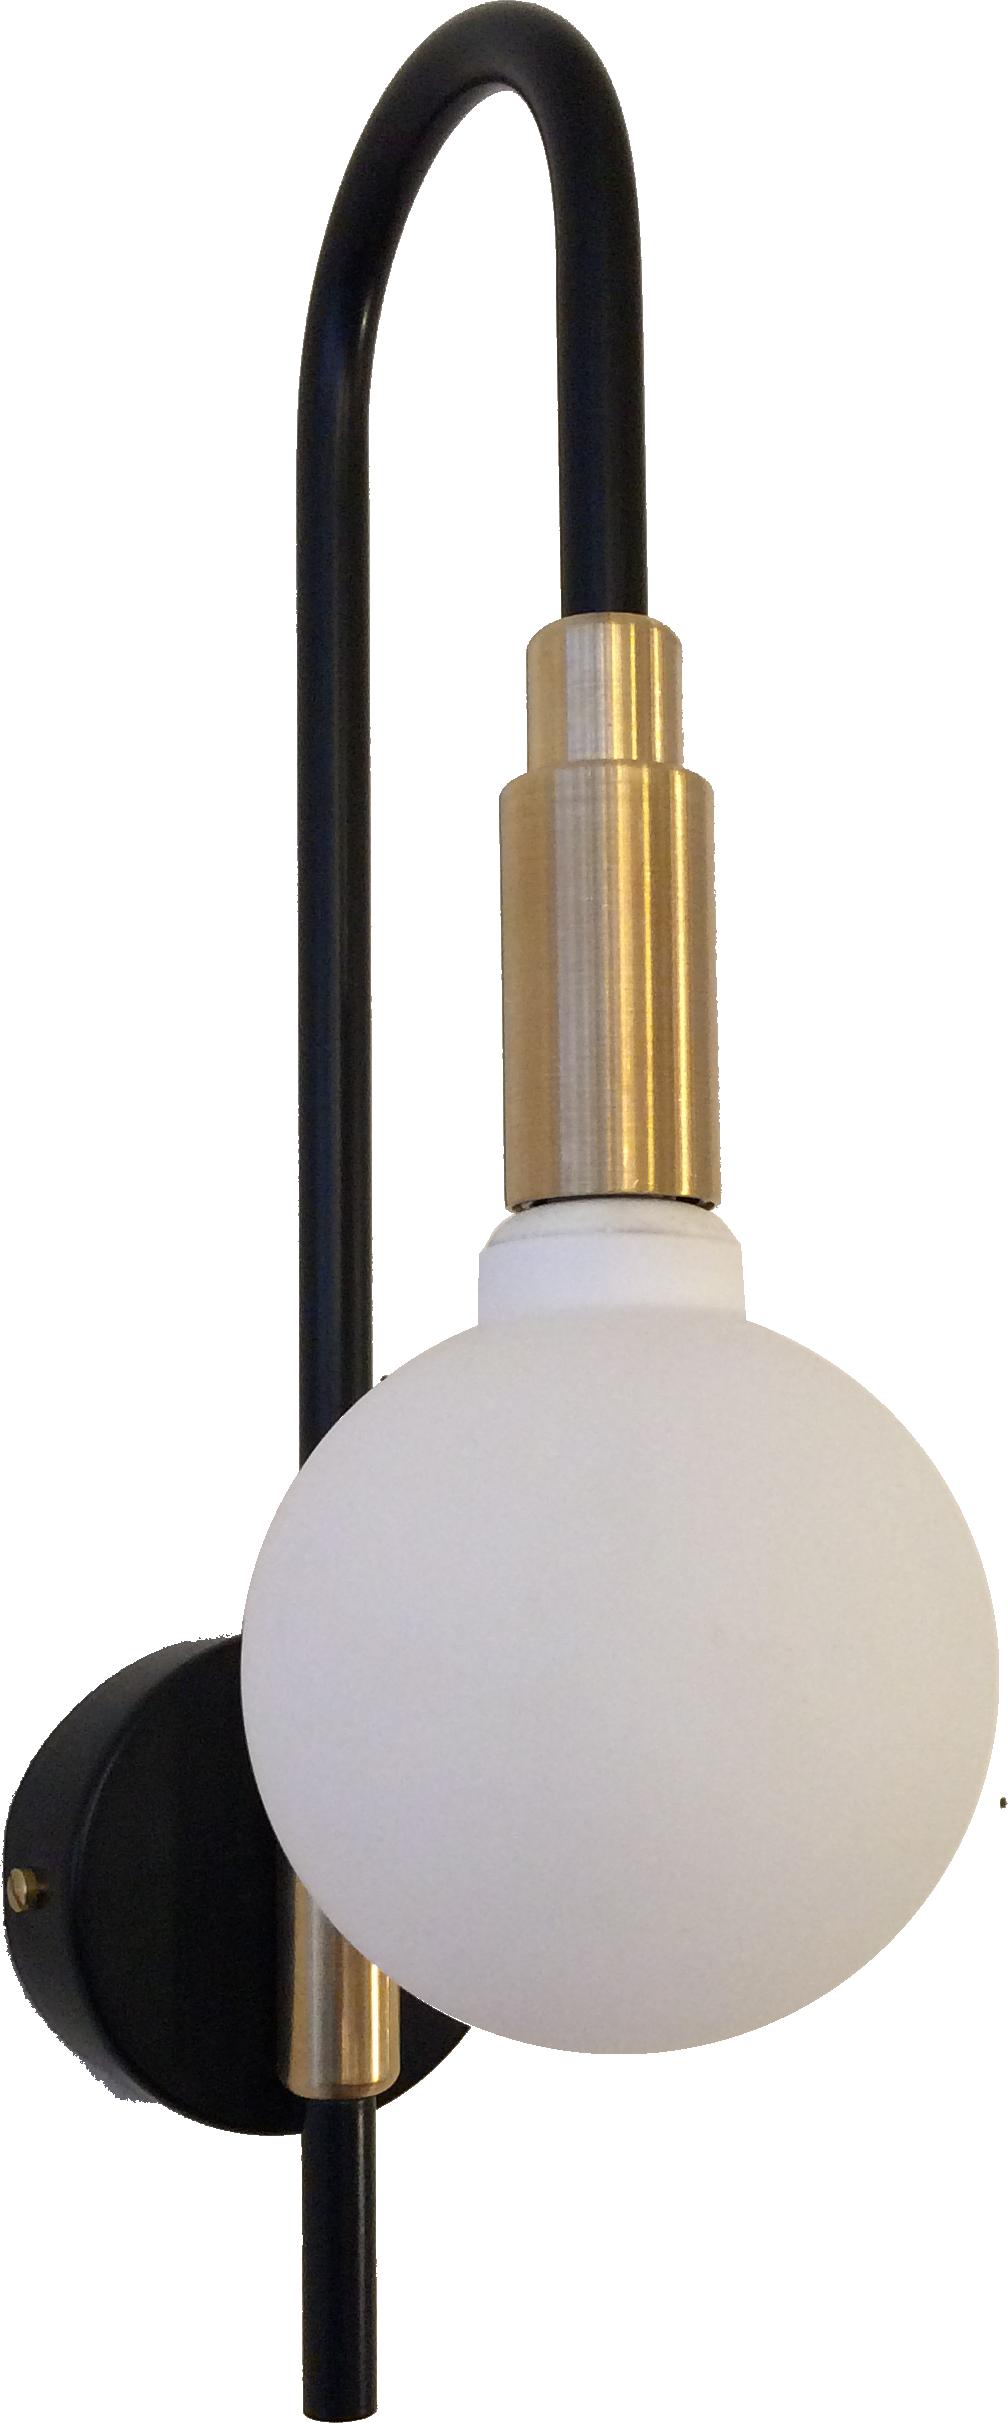 LED Lampe murale design salon mur lampes Chambre Couloir éclairage pivotante